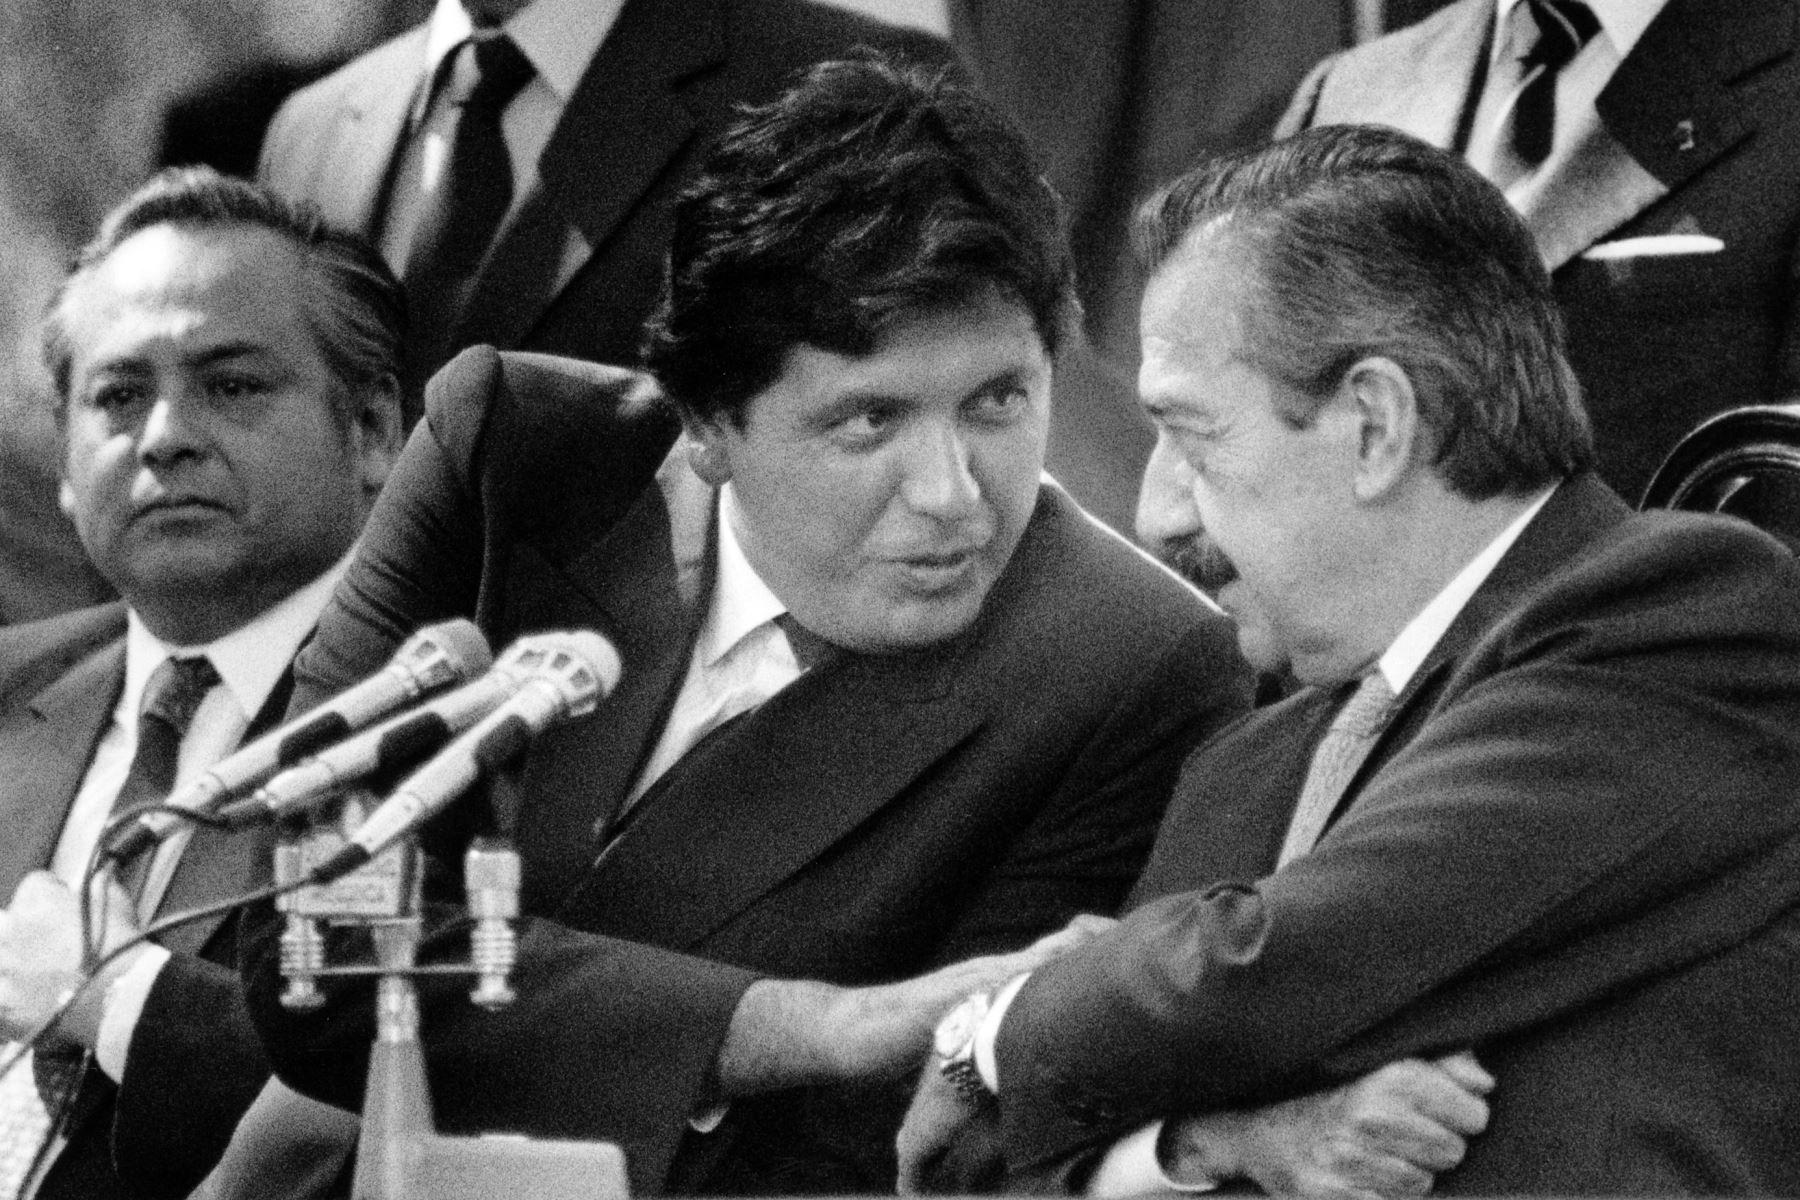 Fotografía tomada el 15 de marzo de 1986 en Olivos, al norte de Buenos Aires, que muestra al presidente peruano Alan García (L) hablando con su homólogo argentino Raúl Alfonsín. Foto:AFP